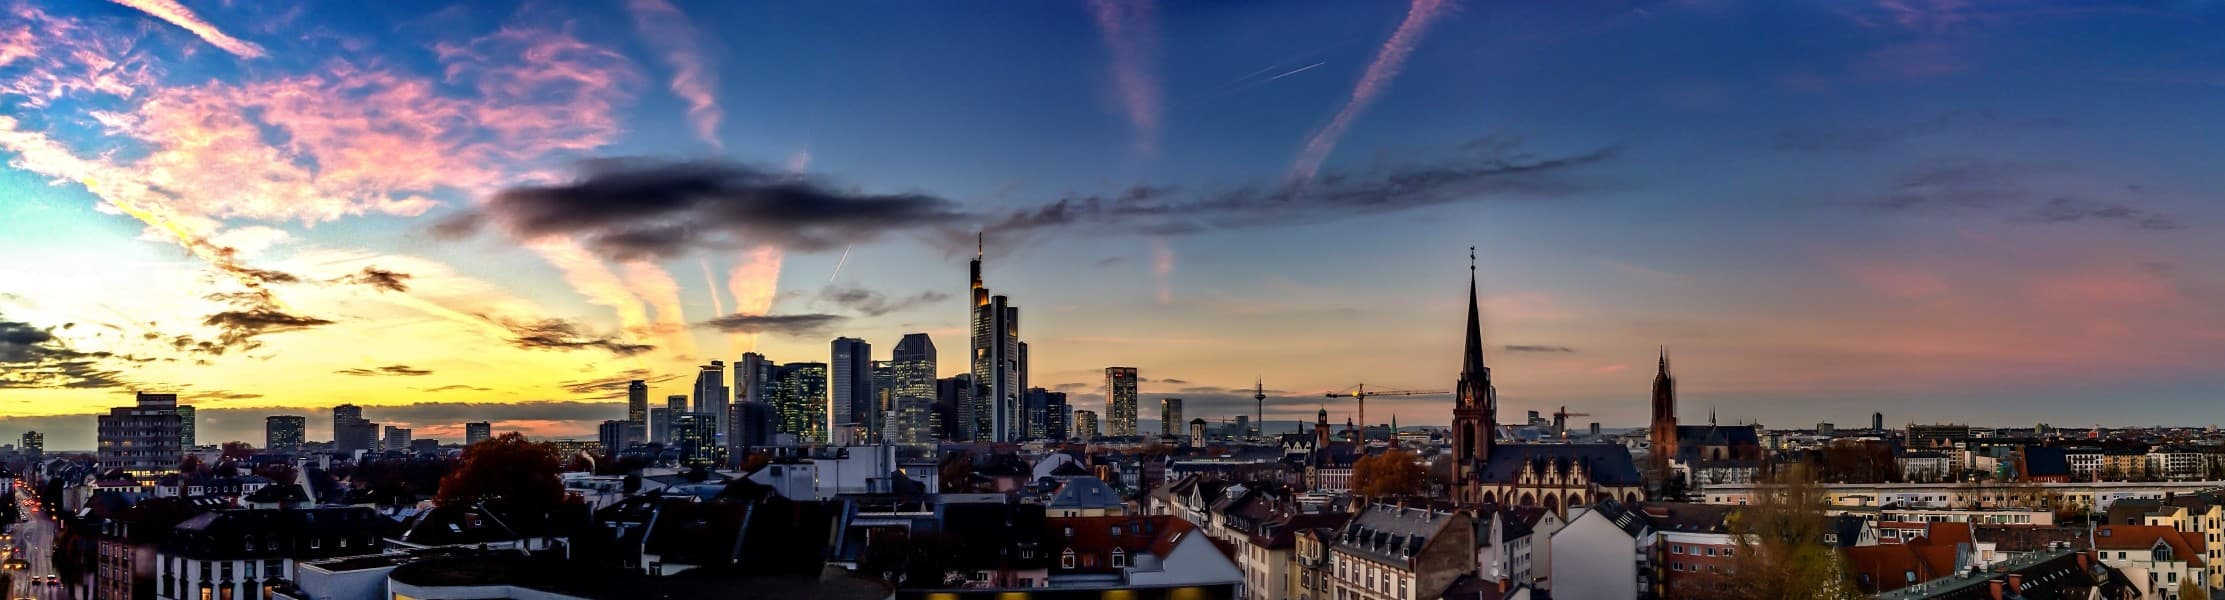 Eventrecht Veranstaltungsrecht Anwälte Kanzlei WeSaveYourCopyrights Rechtsanwaltsgesellschaft mbH Frankfurt am Main Skyline